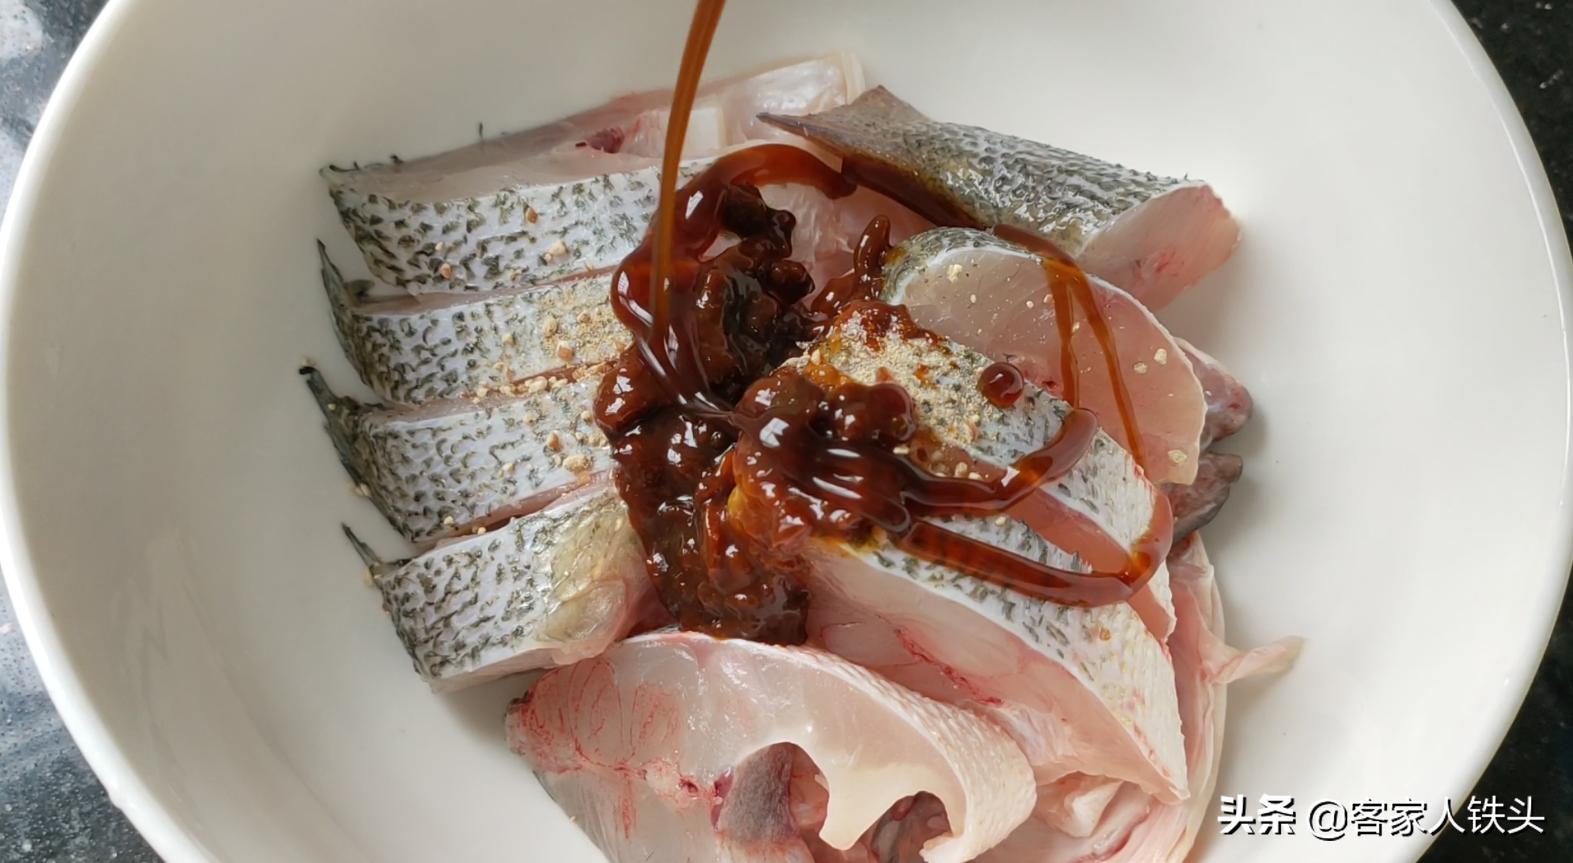 天冷吃魚別煎炸,試試一個懶人做法,6分鐘出鍋,好吃不腥口感滑